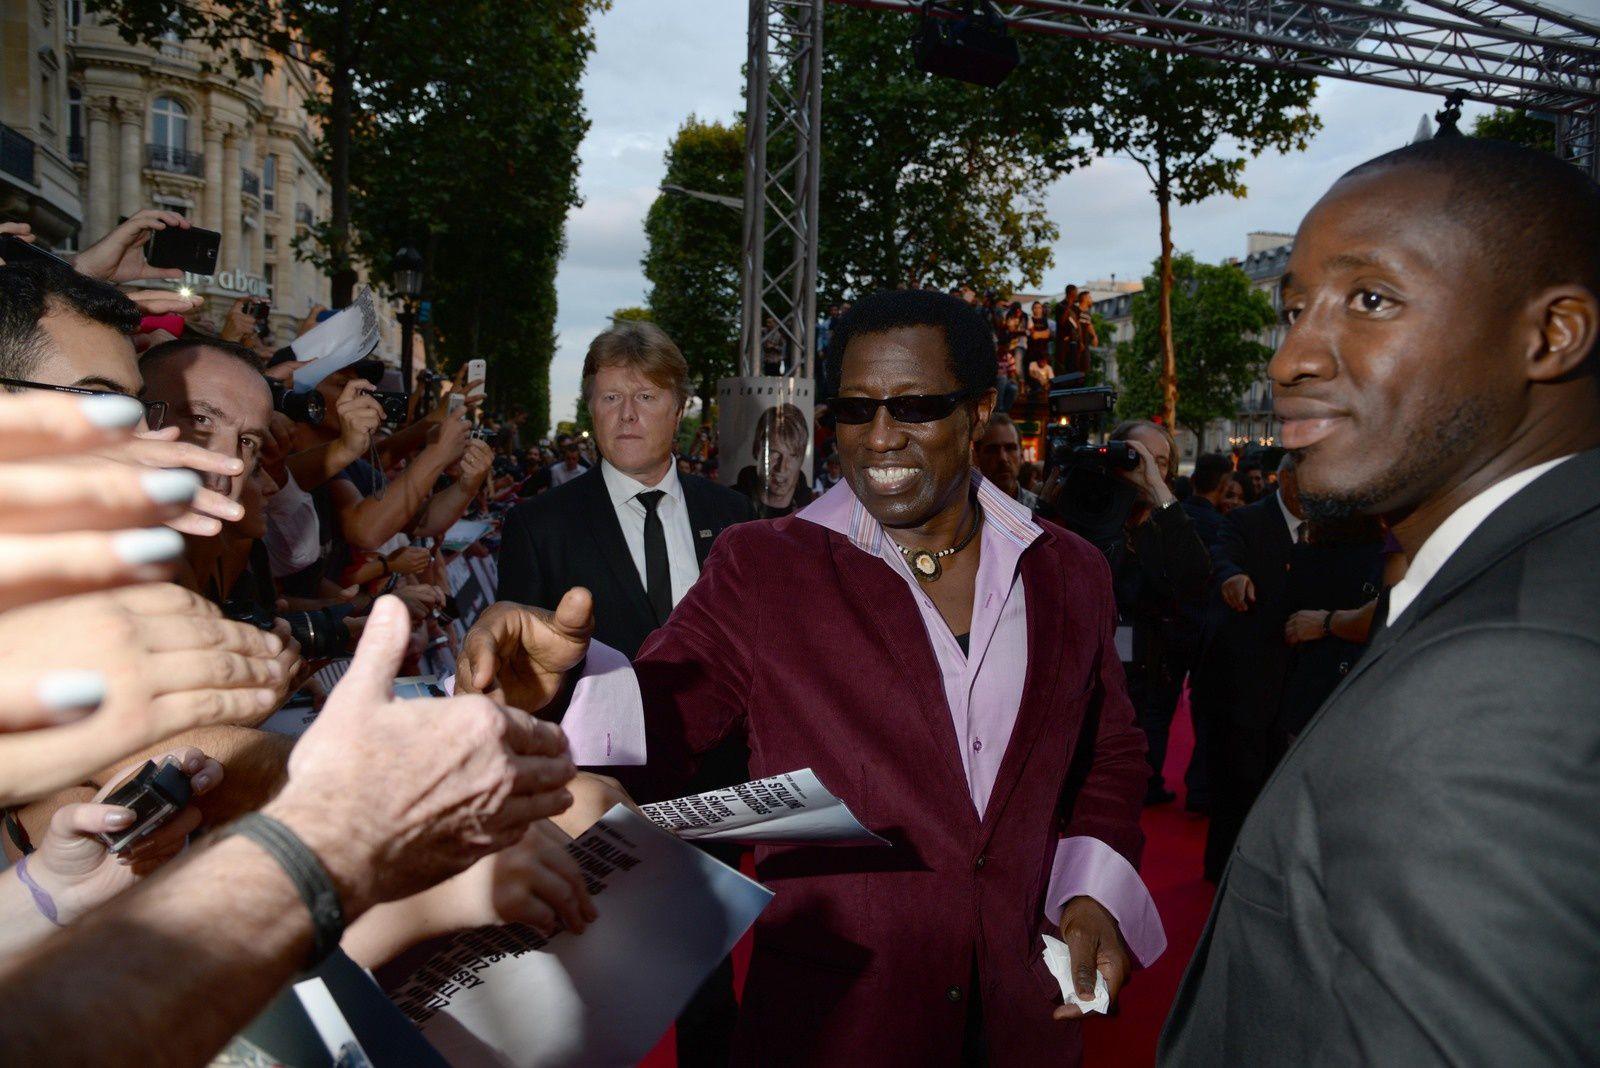 Expendables 3 : Revivez l'avant-première de Paris avec l'équipe du film ! Le 20 août 2014 au cinéma